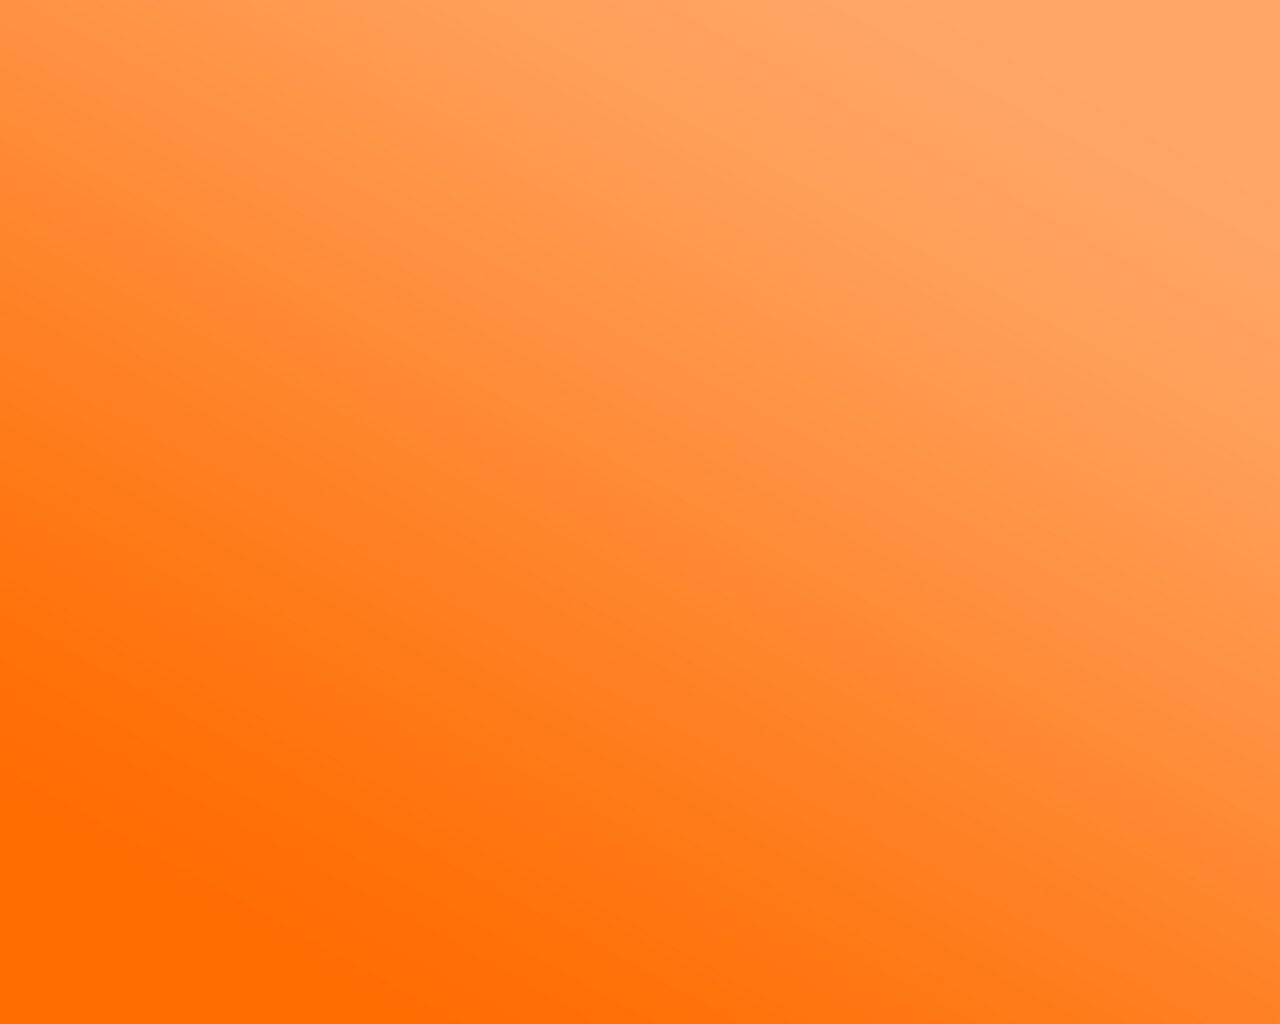 1280x1024 Wallpaper orange, white, solid, colorful